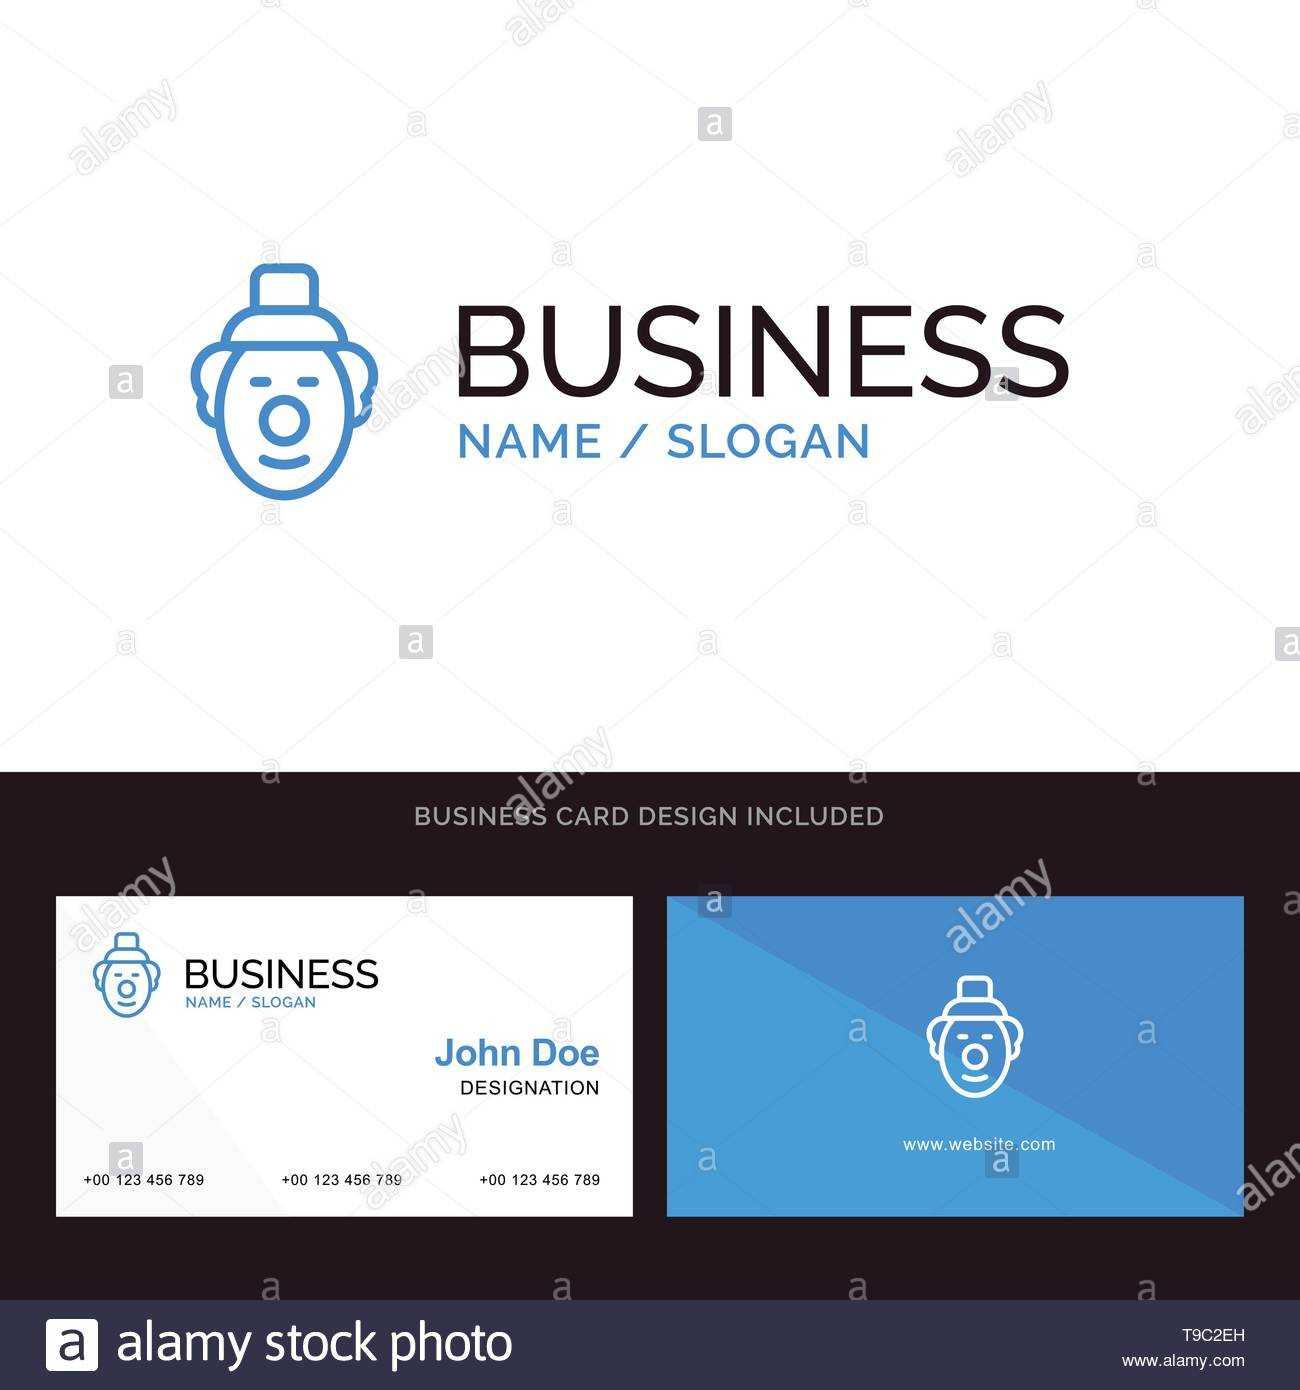 Logo And Business Card Template For Joker, Clown, Circus Throughout Joker Card Template